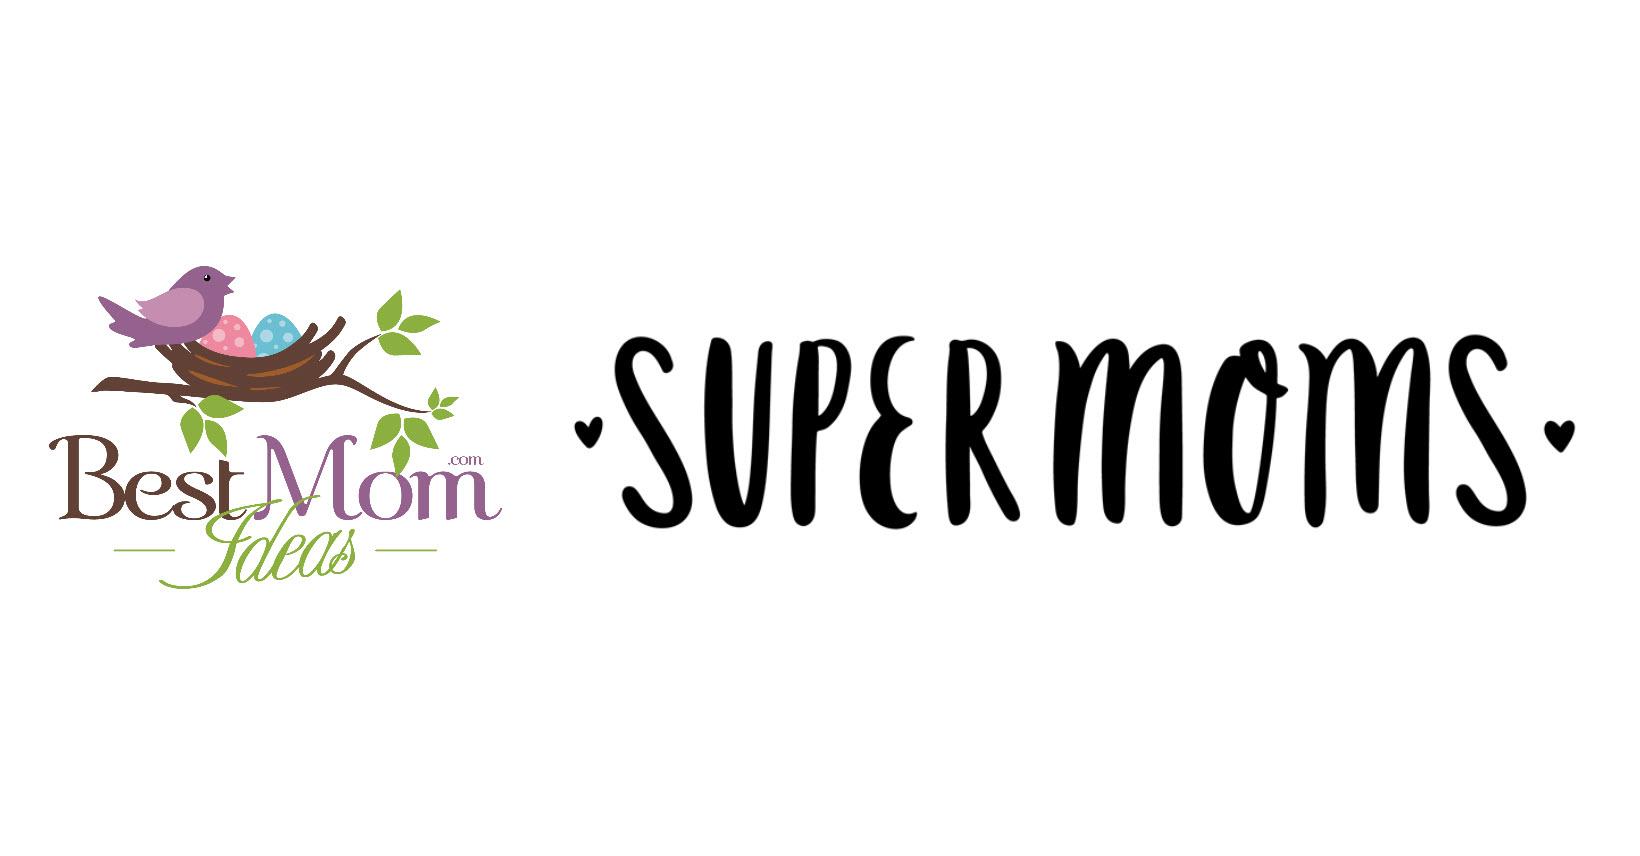 BestMomIdeas-SuperMom_Editted_8-5.jpg